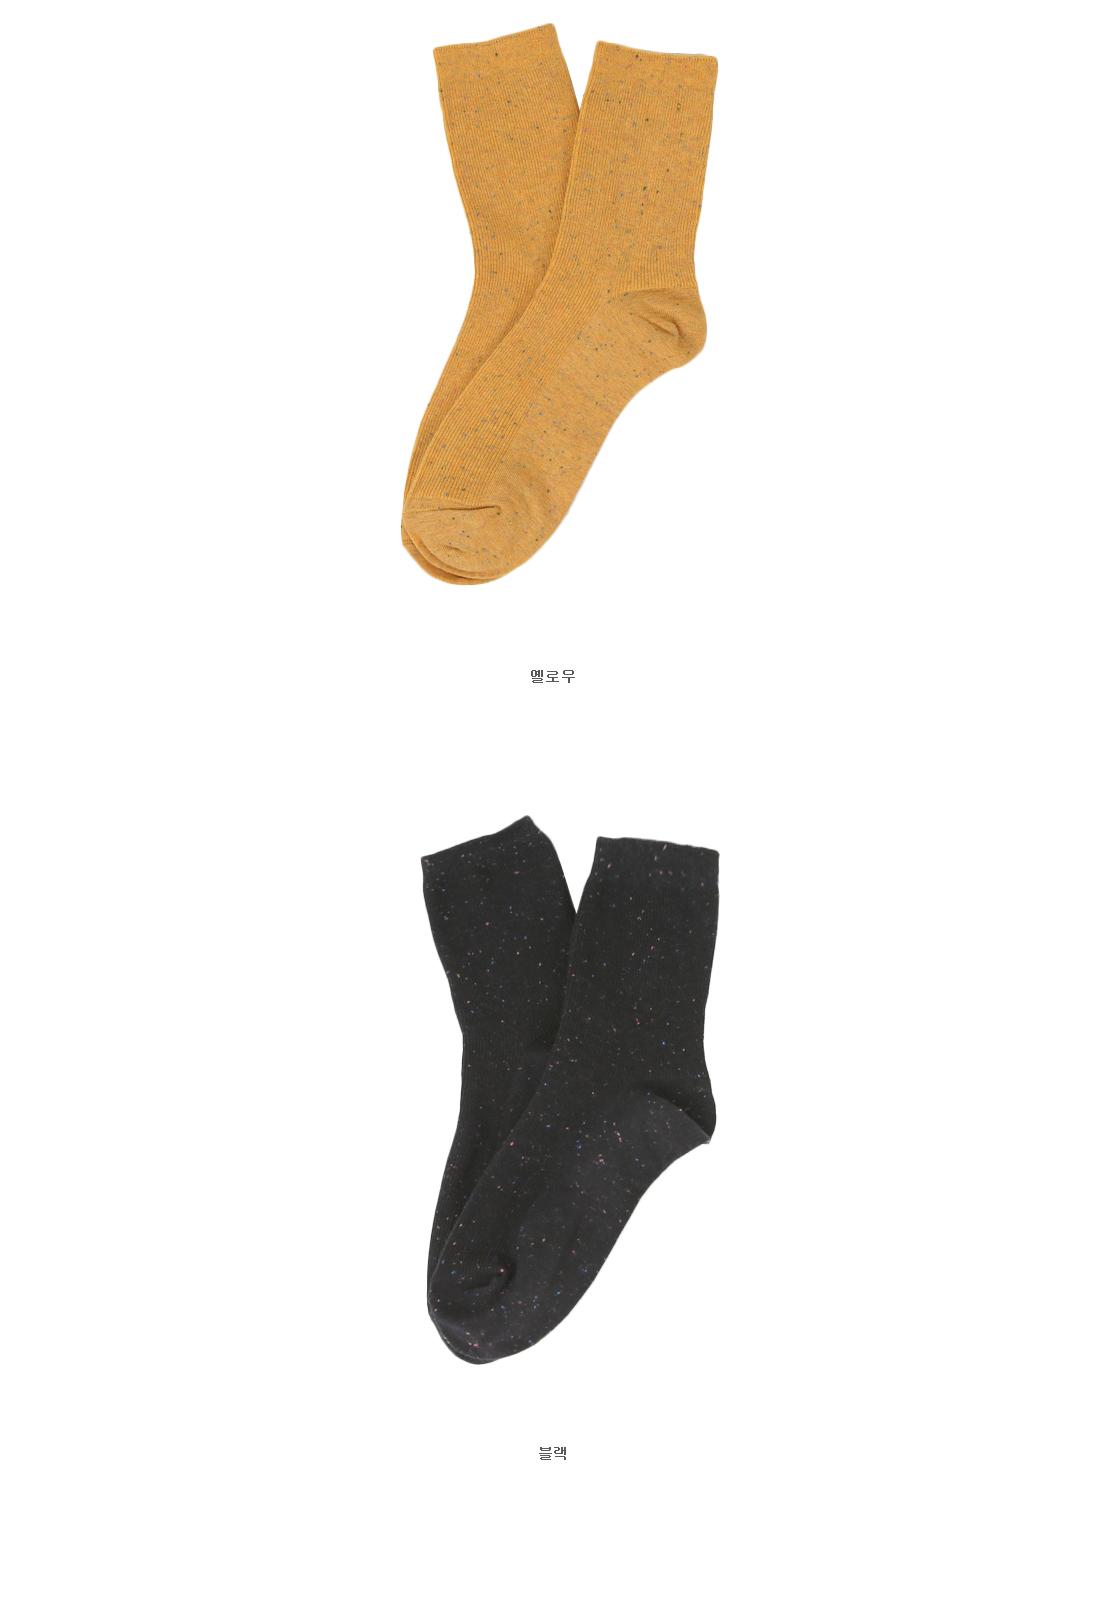 Recall Bokashi socks